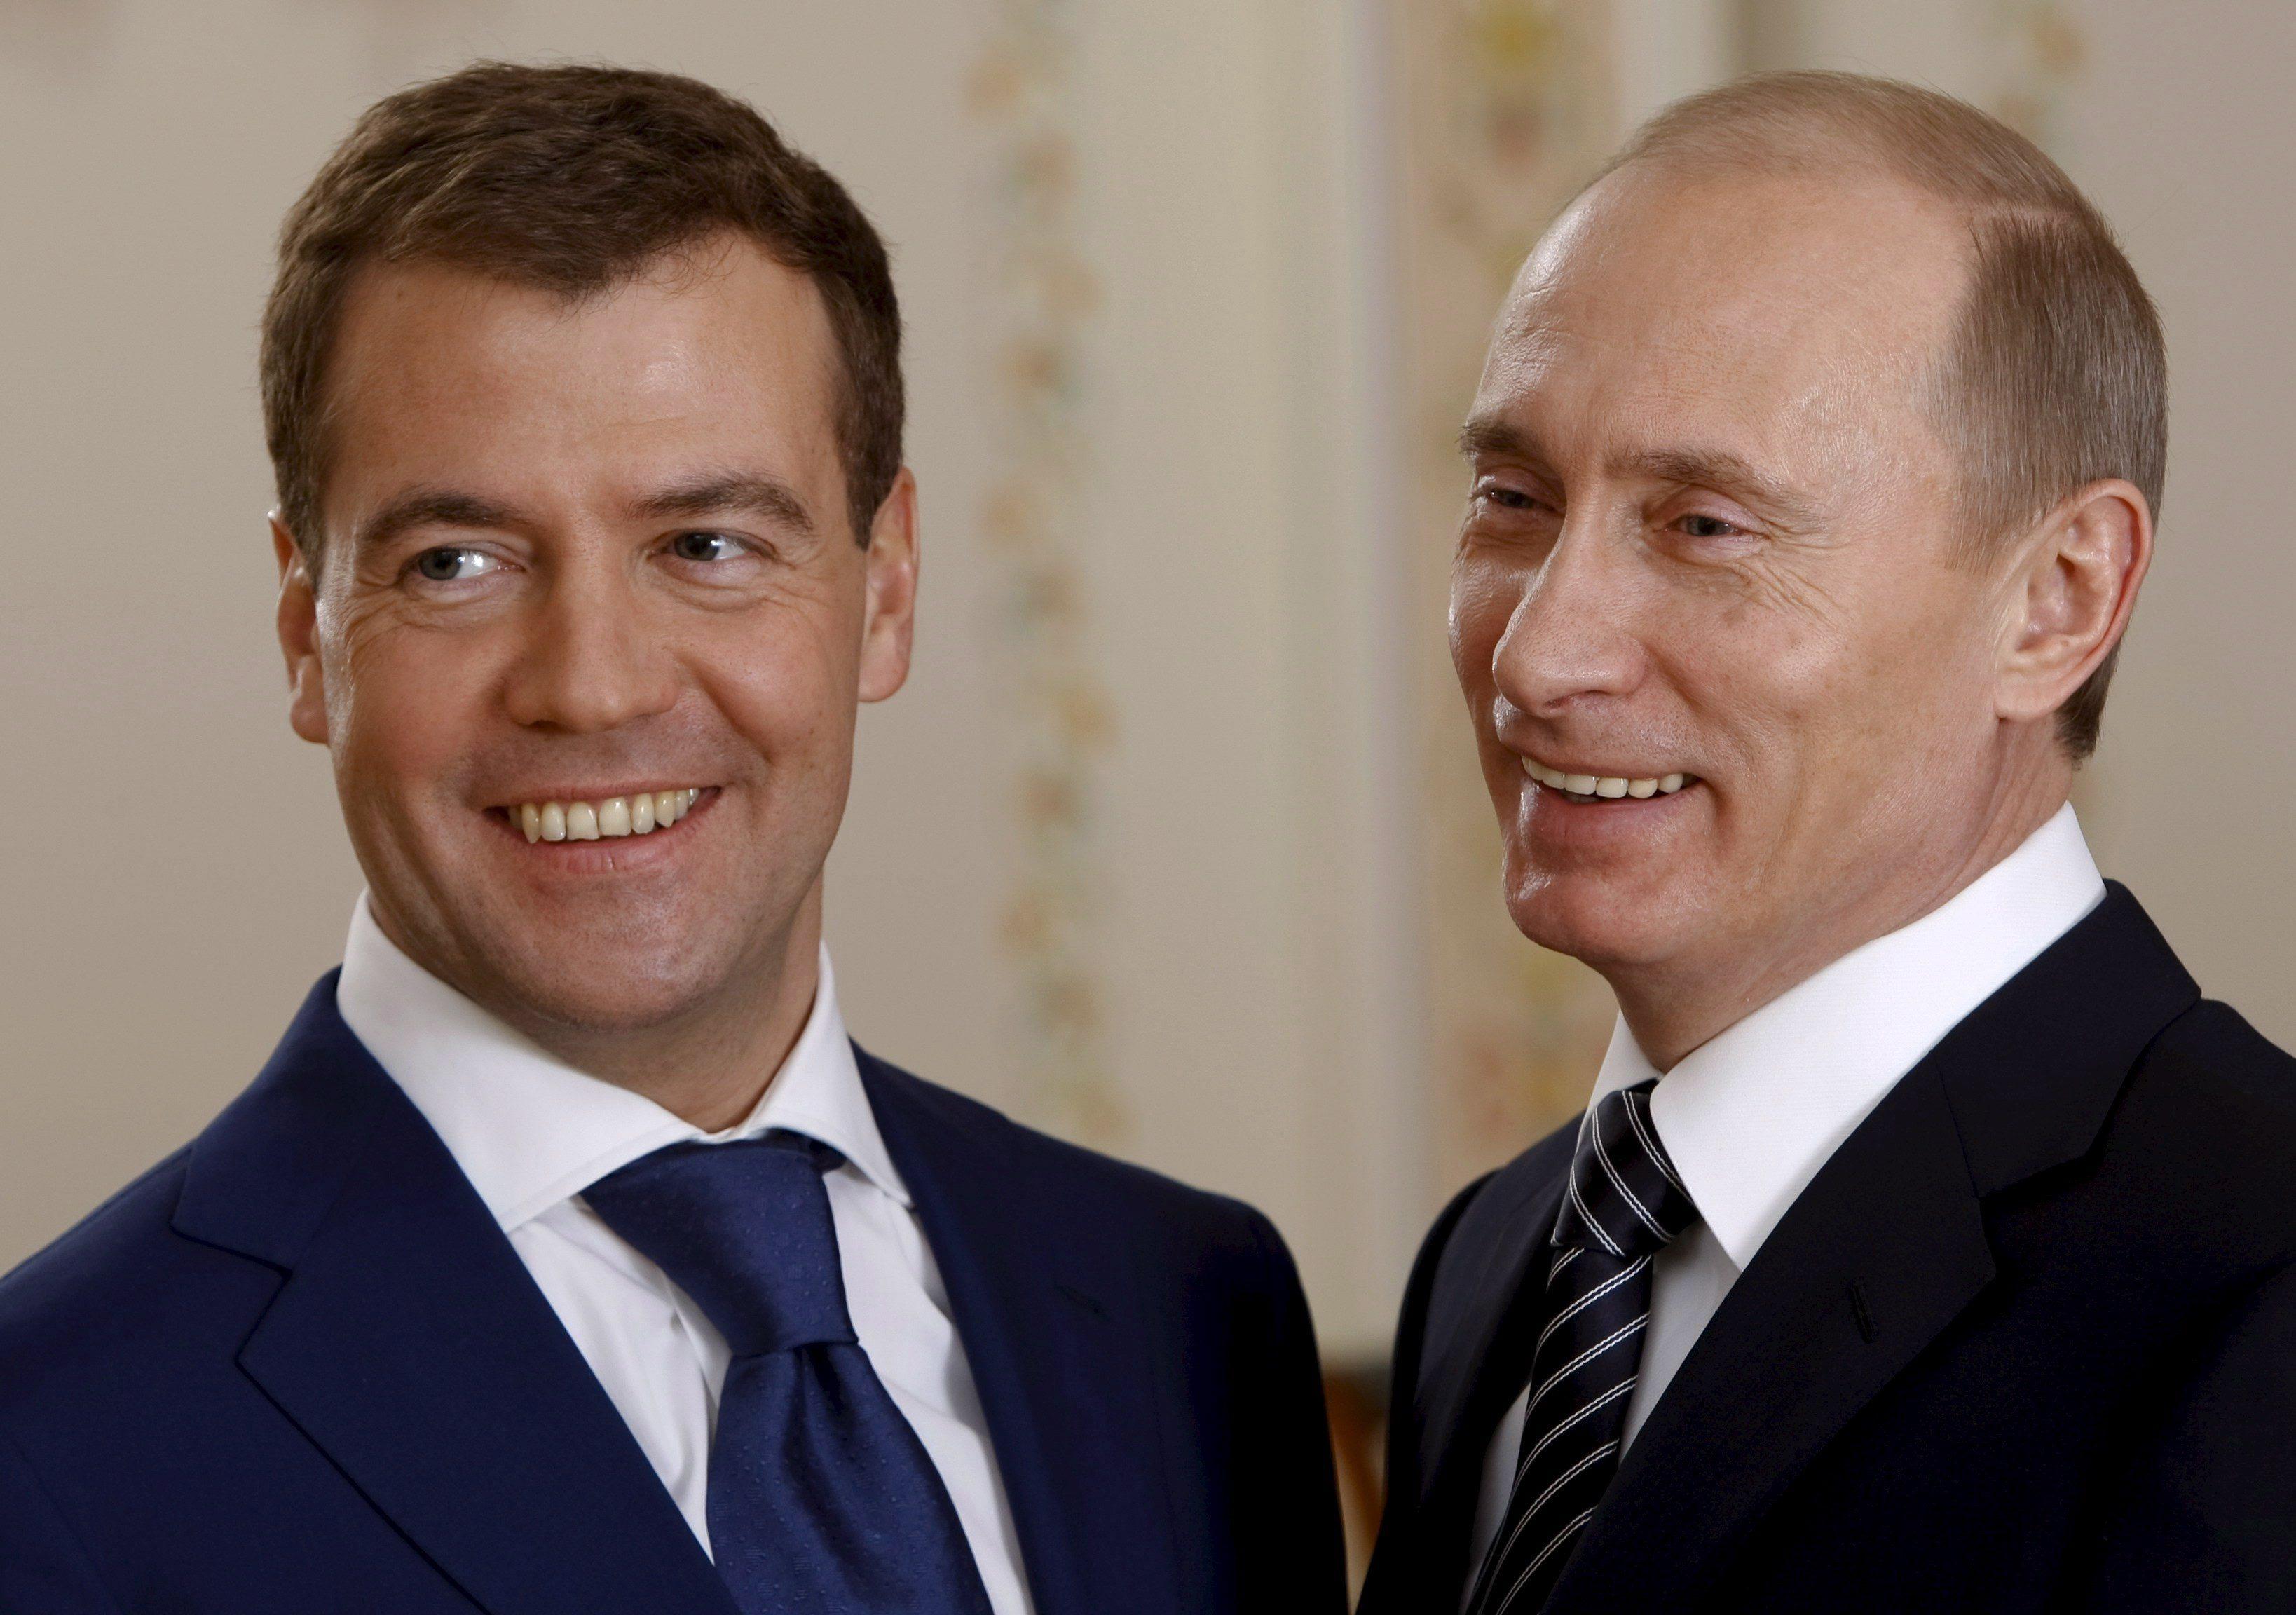 путин и медведев улыбаются